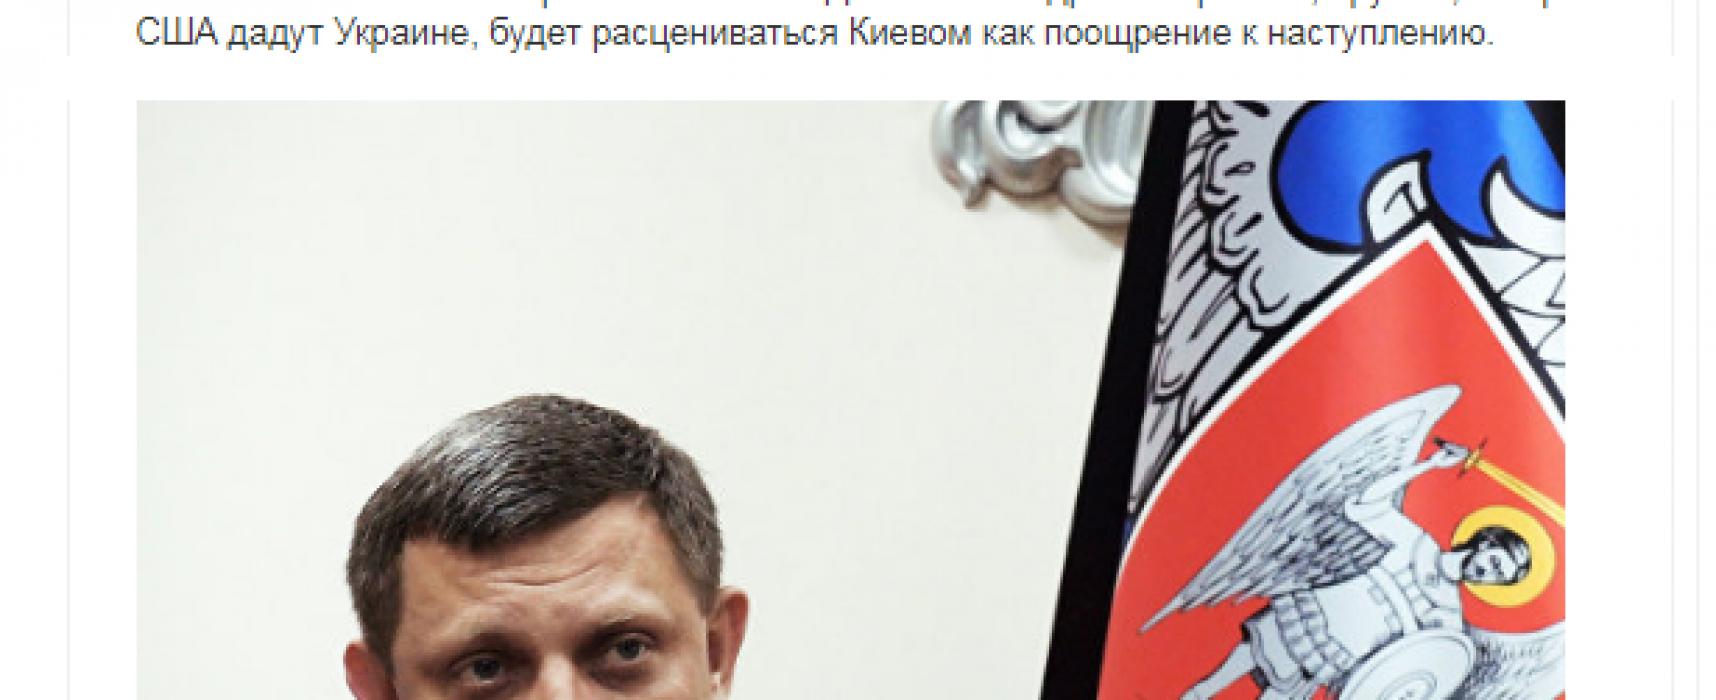 Manipulace a fake news ohledně zbraní pro Ukrajinu